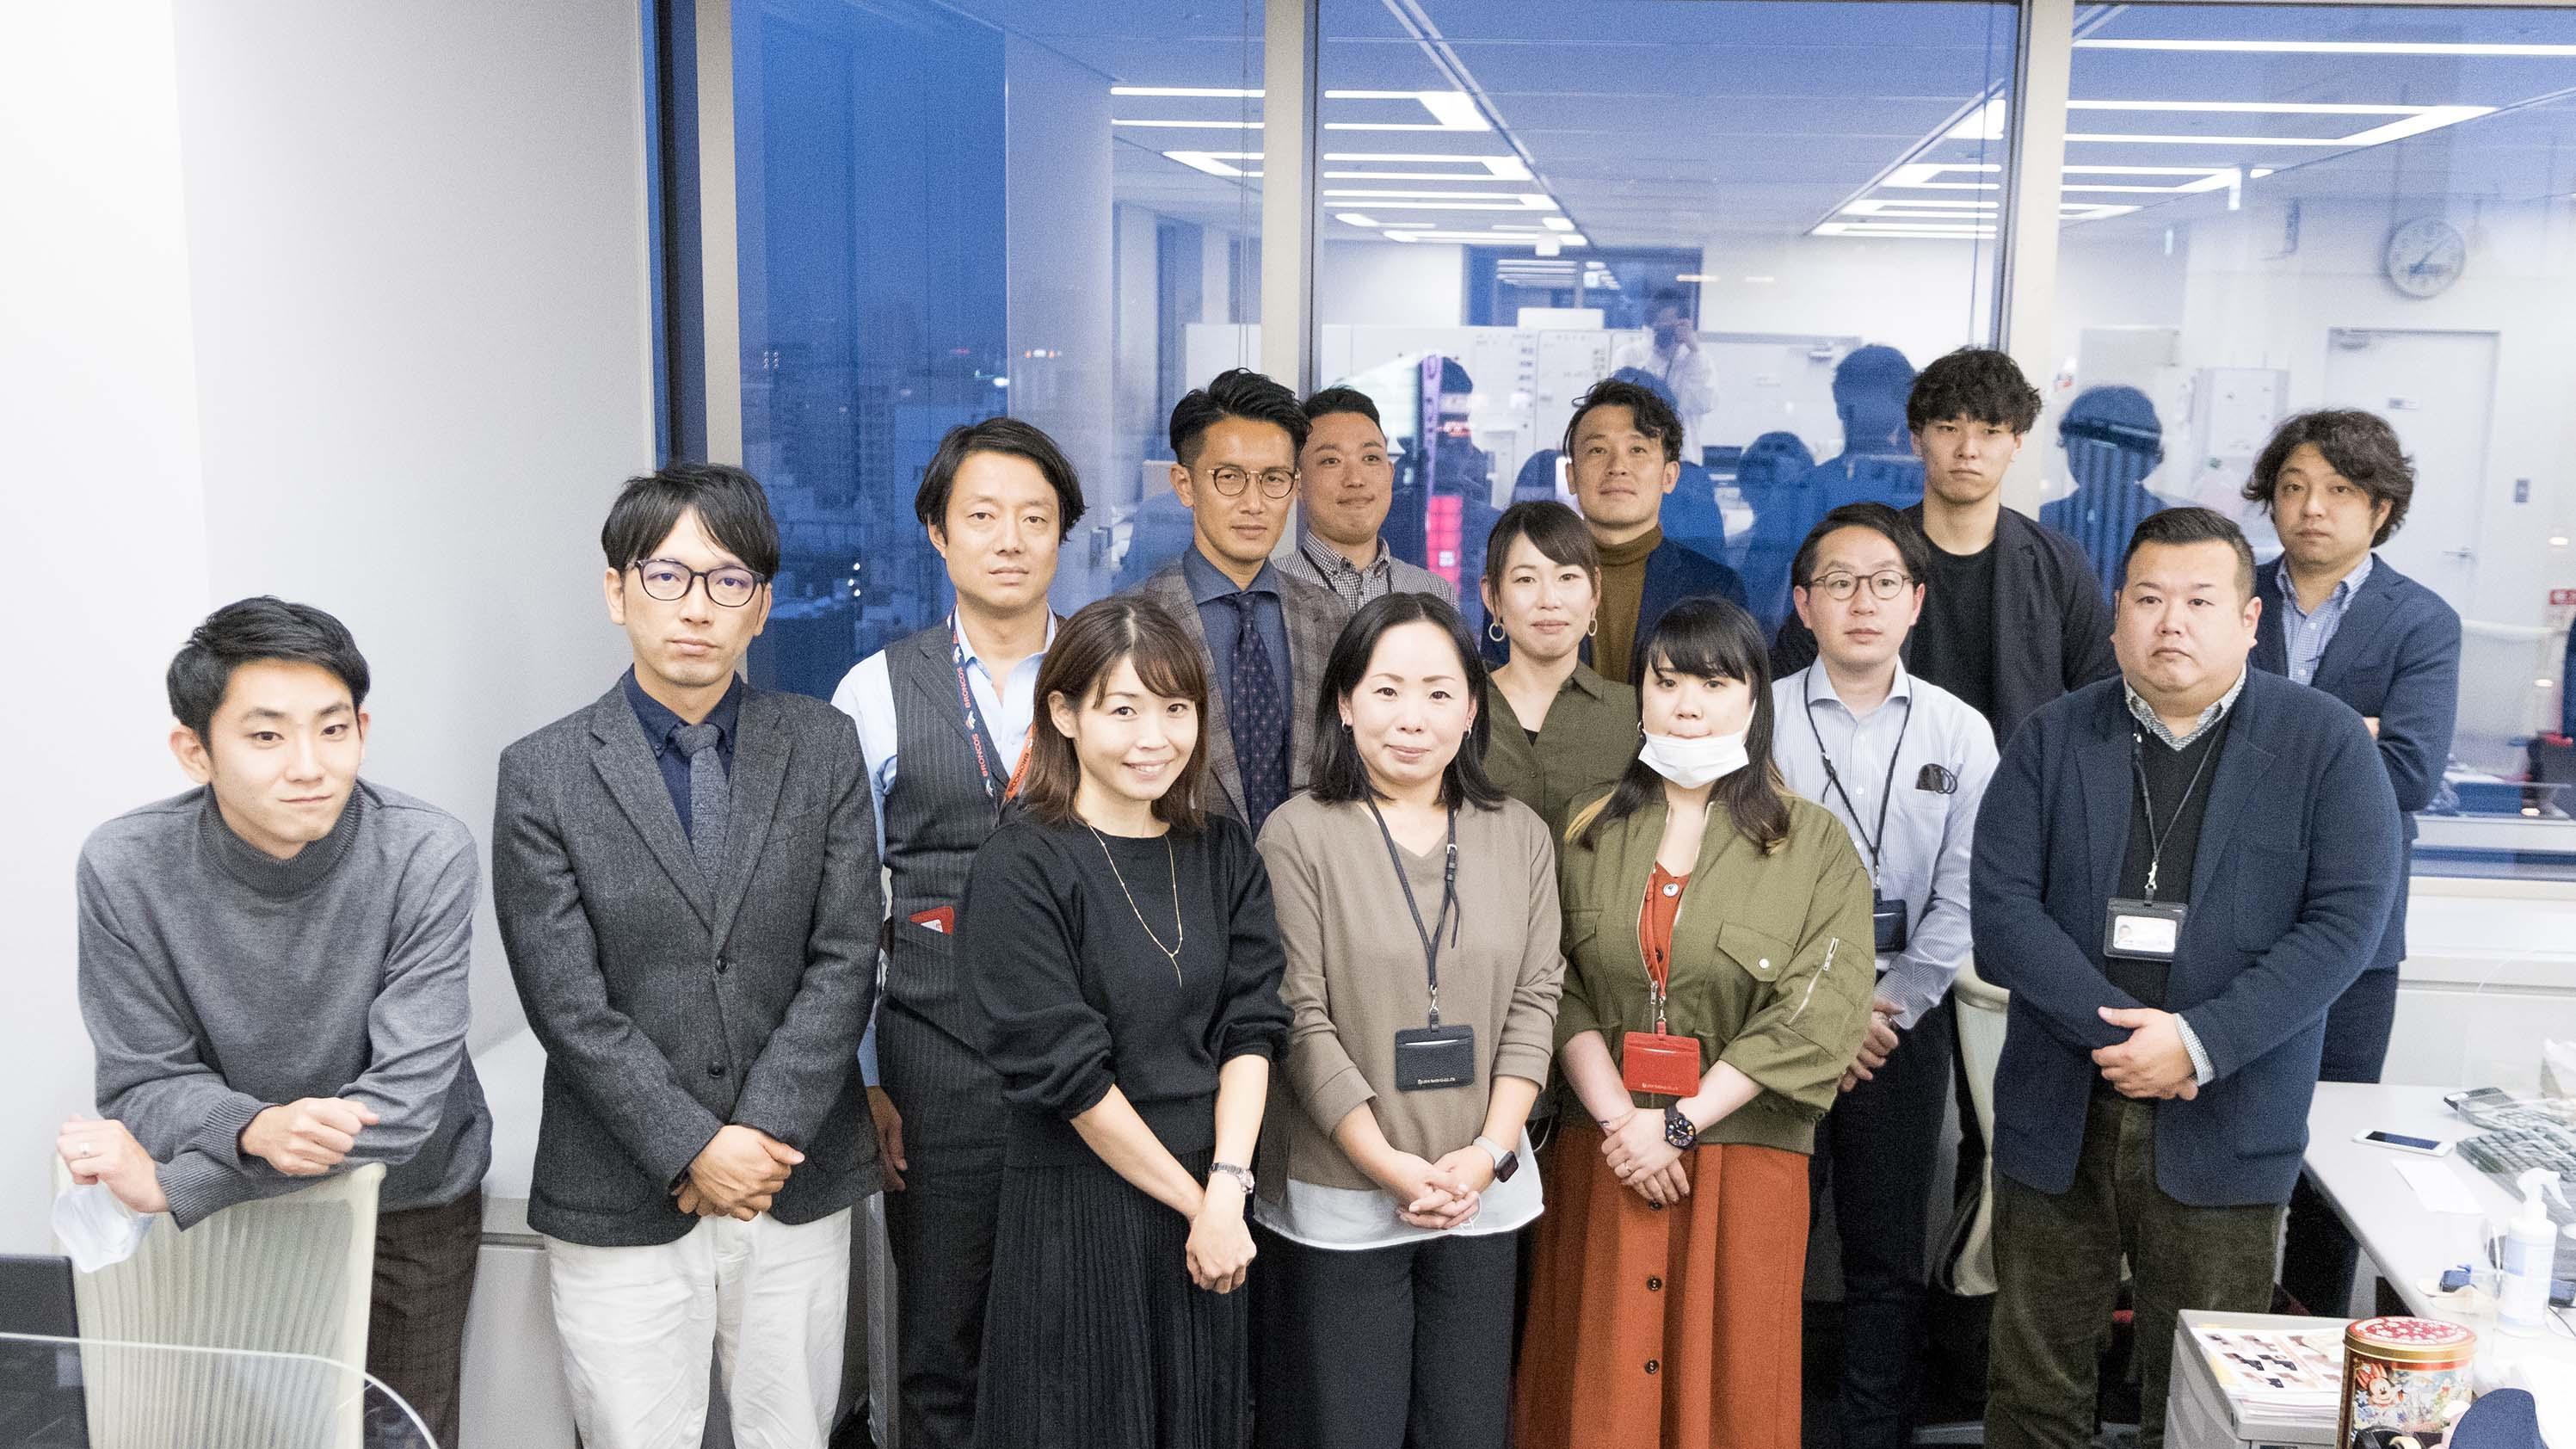 machigaki-004.jpg